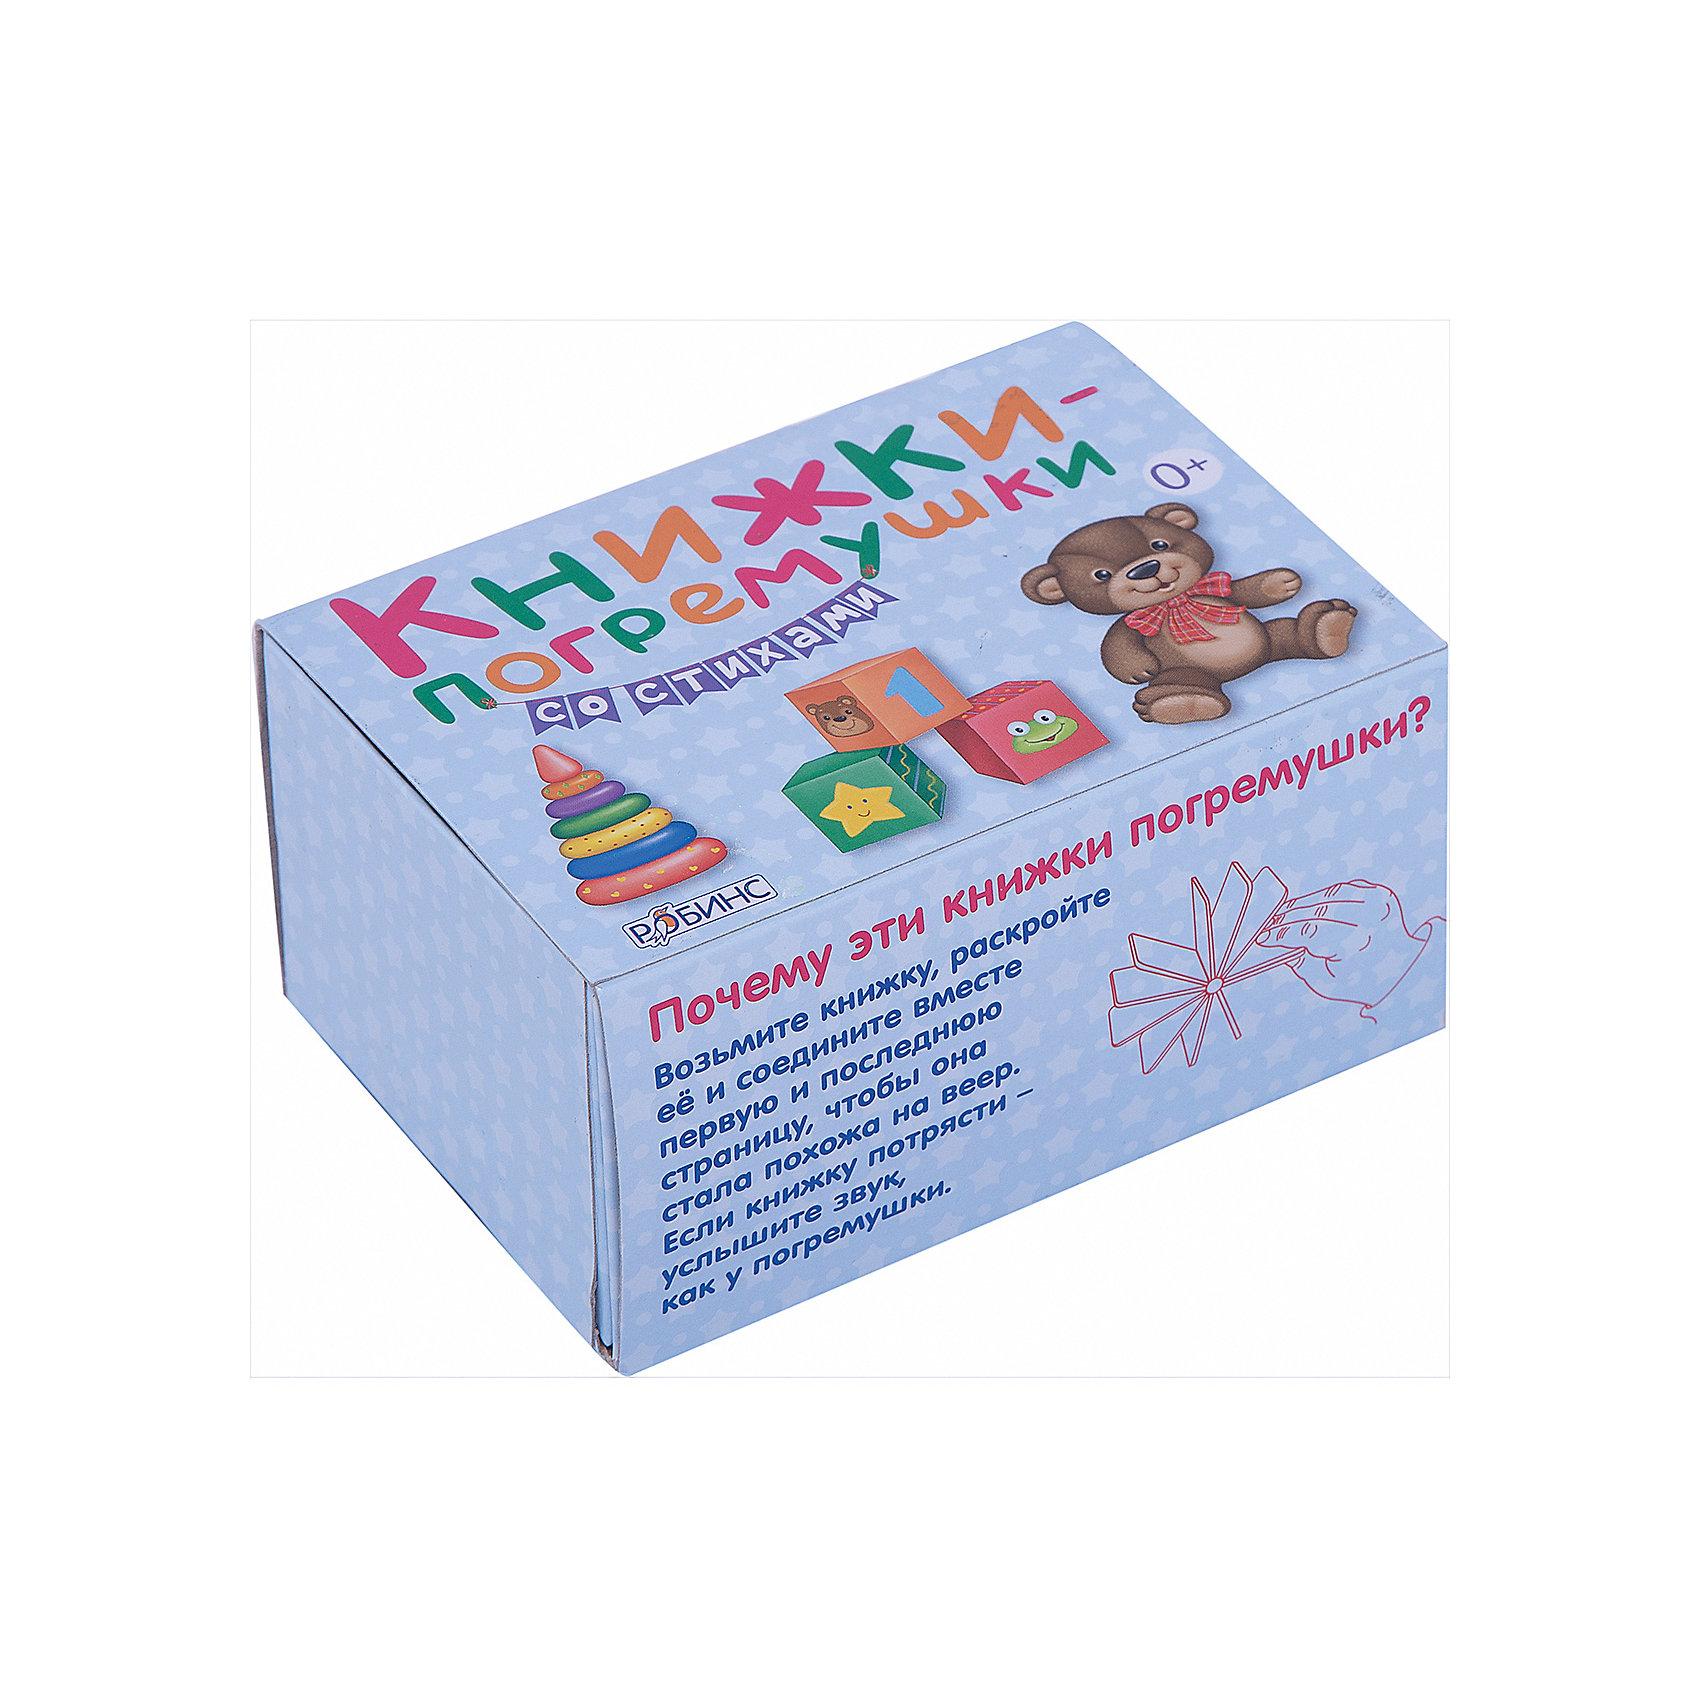 Набор книг Книжки-погремушки со стихамиРобинс<br>Набор книг Книжки-погремушки со стихами – это набор книжек-погремушек, которые помогут Вашему малышу научиться говорить. Каждая из четырех книжек содержит десять слов на темы: овощи и фрукты, транспорт, животные, игрушки. Благодаря этим книжкам малыши будут учиться говорить в увлекательной игровой форме, что станет отличным стимулом к получению знаний в дальнейшем!<br><br>Характеристики:<br>-Развивает: логическое мышление, внимание,  речь, память, воображение, мелкую моторику<br>-Запатентованная форма коробки удобна для игры с ребенком<br>-Плотный материал<br>-Гремят и трещат (сложив первую и последнюю страницу вместе), как музыкальные инструменты<br>-Стильные, яркие, крупные картинки на каждой странице<br>-Содержание: веселые картинки, авторские стишки, новые слова, овощи, фрукты, животные, транспорт, игрушки<br><br>Дополнительная информация:<br>-Автор: Е. Сосновский<br>-Иллюстратор: Ю. Митченко<br>-Количество страниц: 80<br>-Переплет: картон<br>-Формат: 13,5x9,5х7 см<br>-Иллюстрации: цветные<br>-Вес: 465 г<br><br>Набор книг Книжки-погремушки со стихами можно купить в нашем магазине.<br><br>Ширина мм: 95<br>Глубина мм: 135<br>Высота мм: 65<br>Вес г: 453<br>Возраст от месяцев: 0<br>Возраст до месяцев: 36<br>Пол: Унисекс<br>Возраст: Детский<br>SKU: 4295387